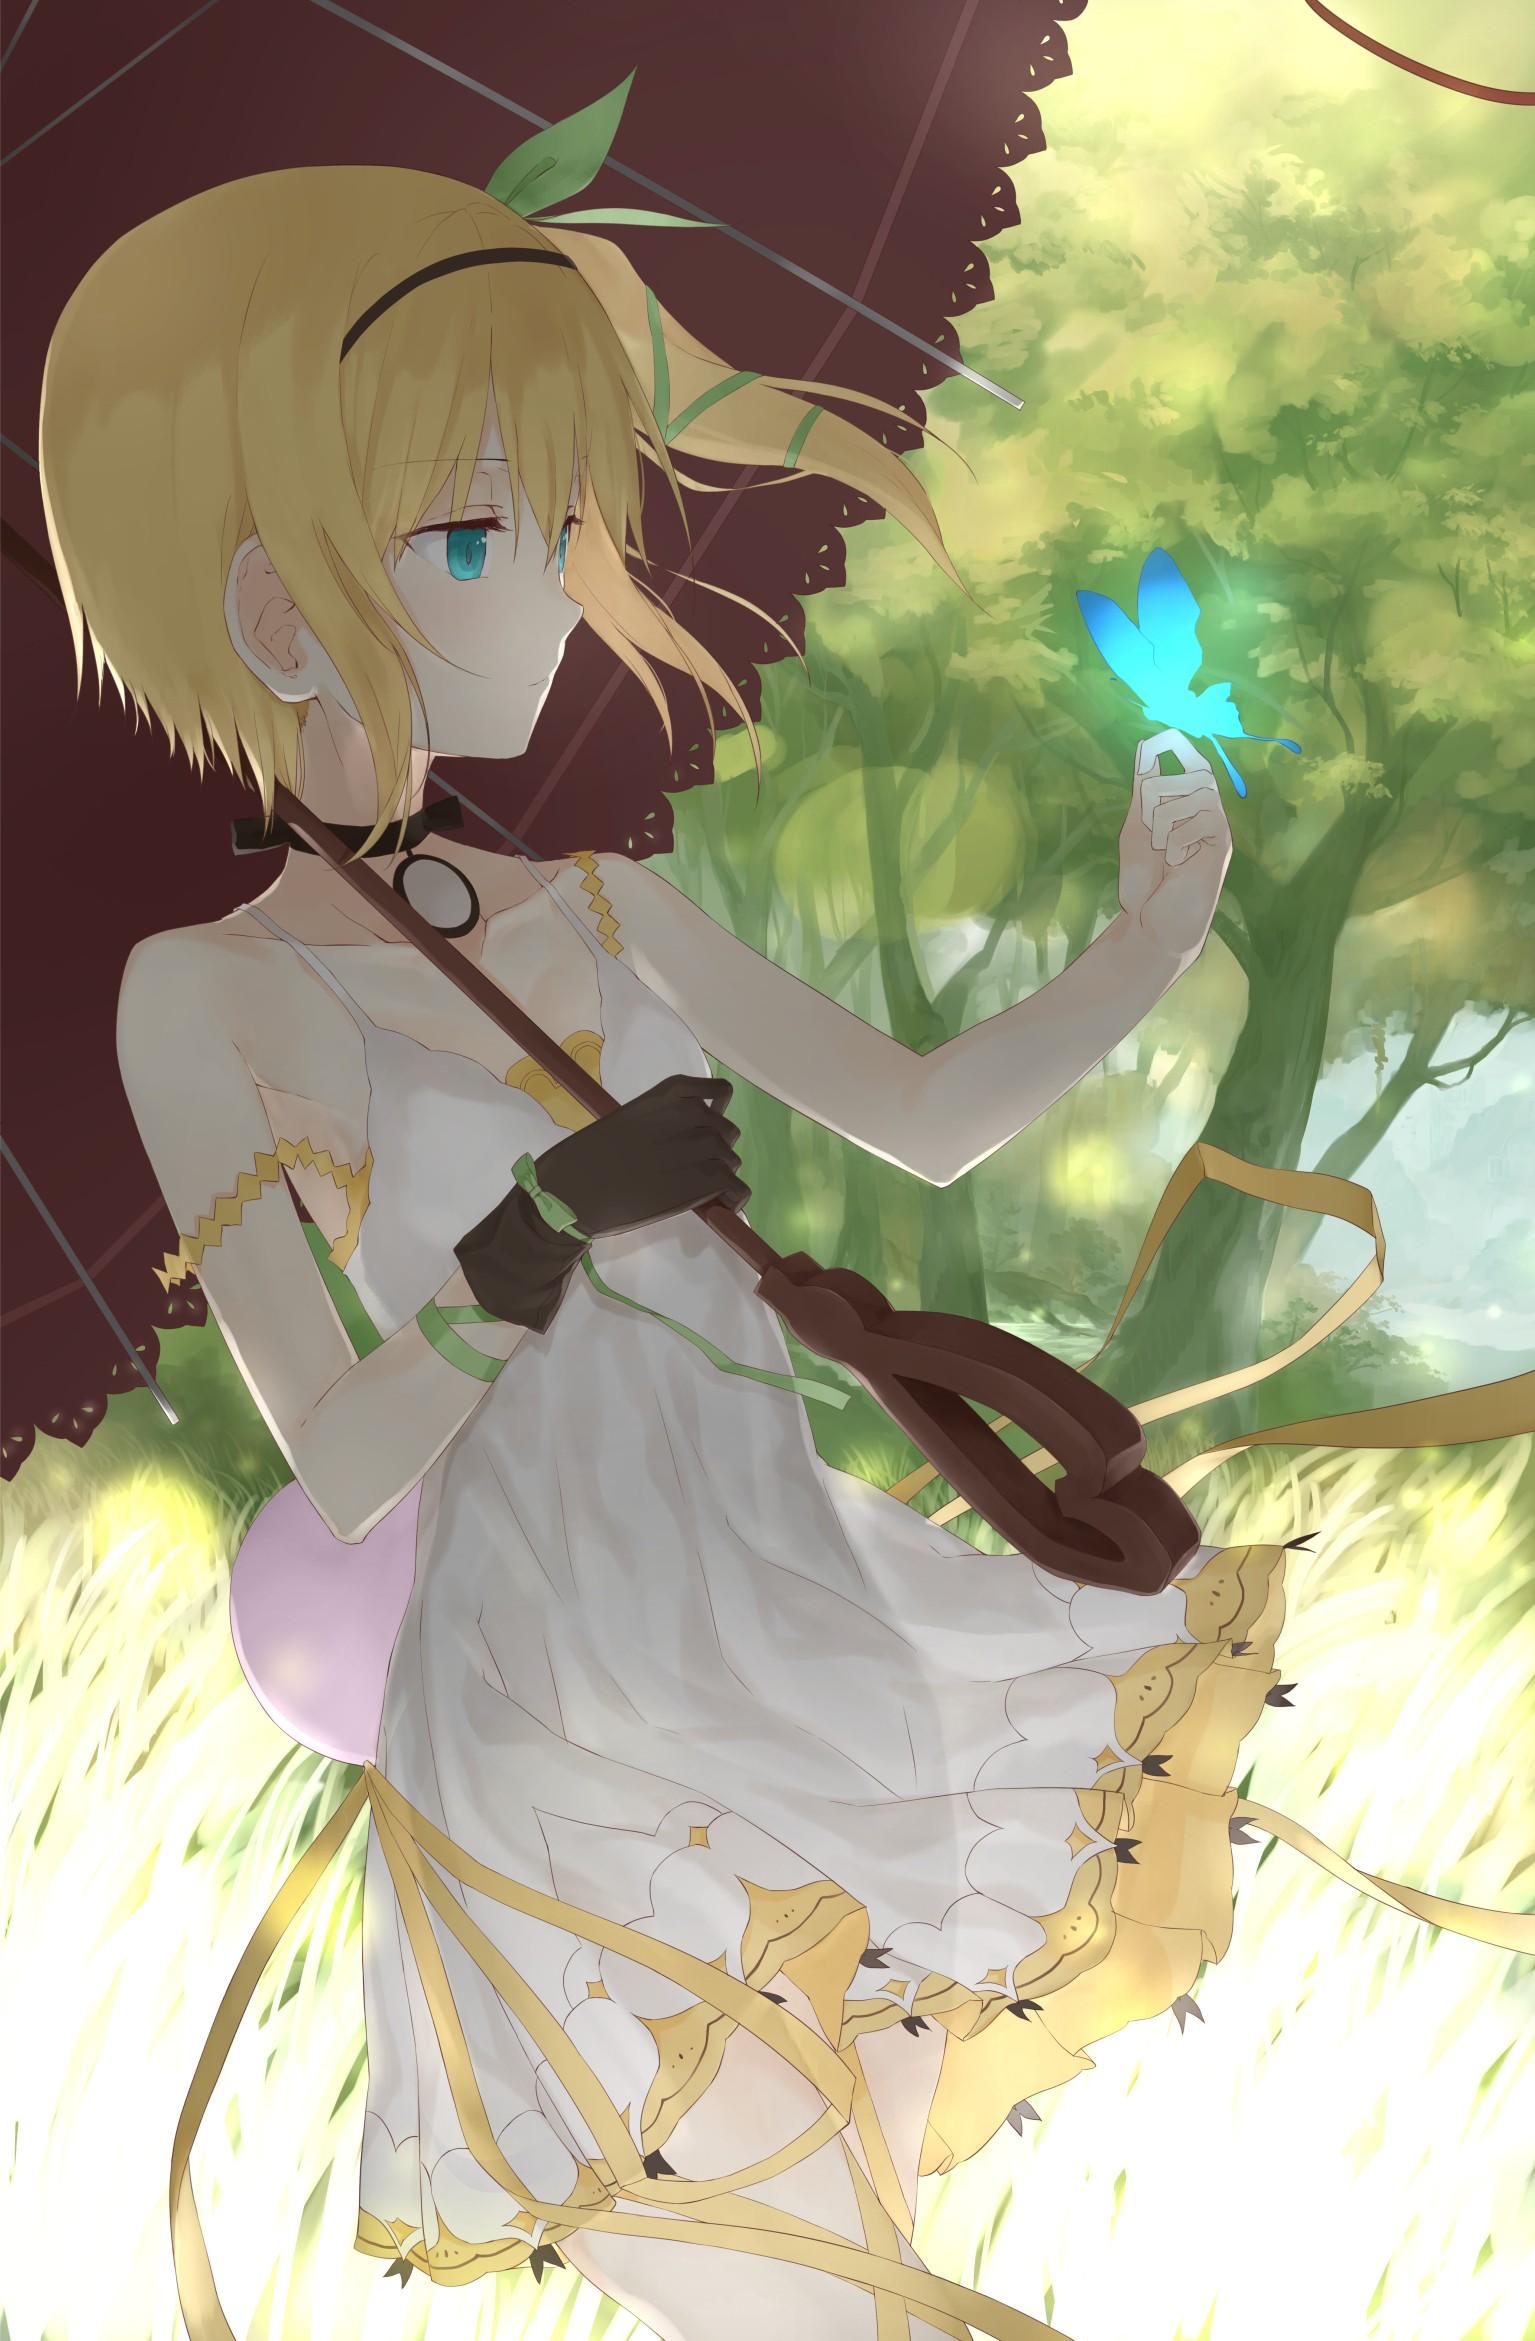 Wallpaper Trees Illustration Blonde Anime Girls Blue Eyes